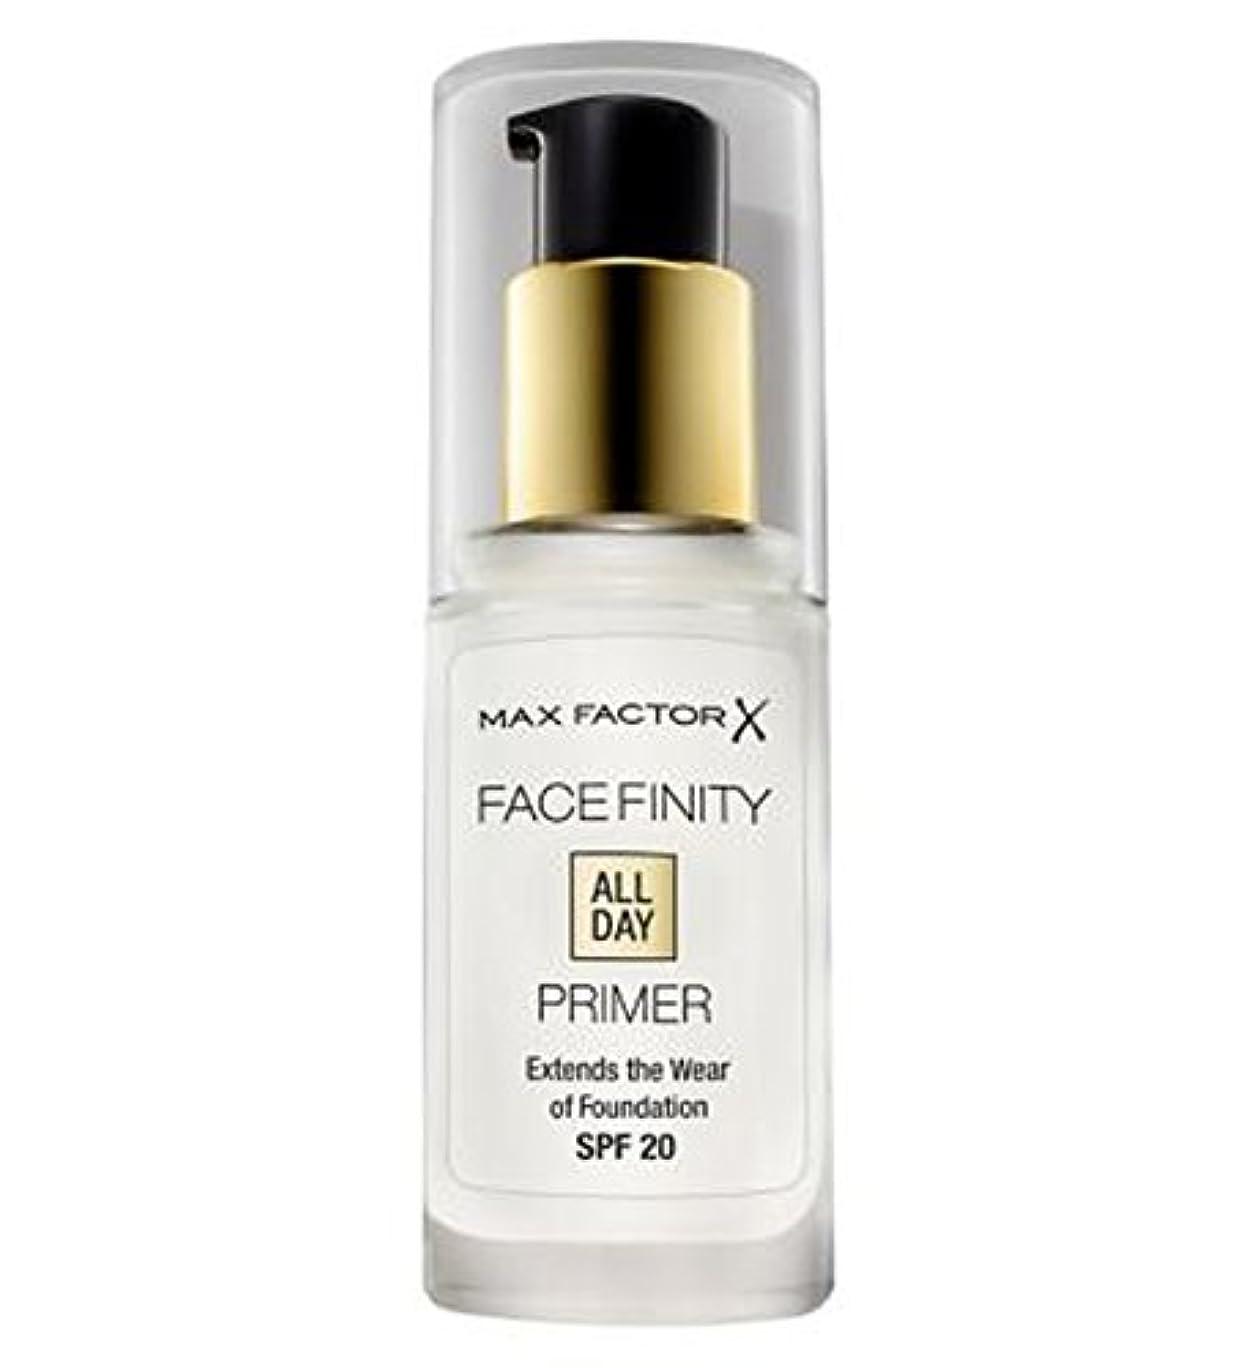 篭日曜日自動化Max Factor Facefinity All Day Primer - マックスファクターのFacefinity終日プライマー (Max Factor) [並行輸入品]